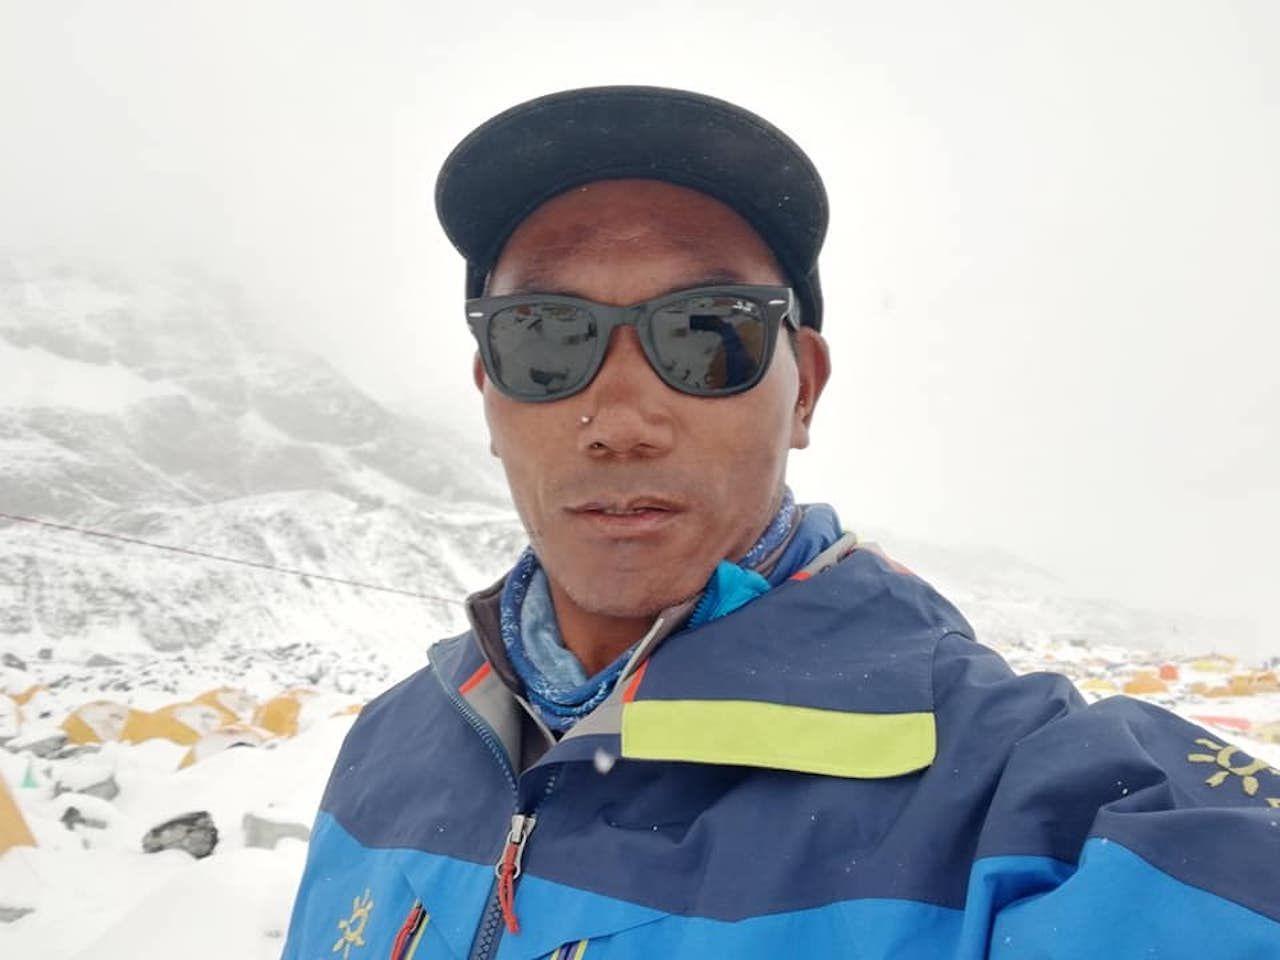 Sherpa climbs Everest twice in week